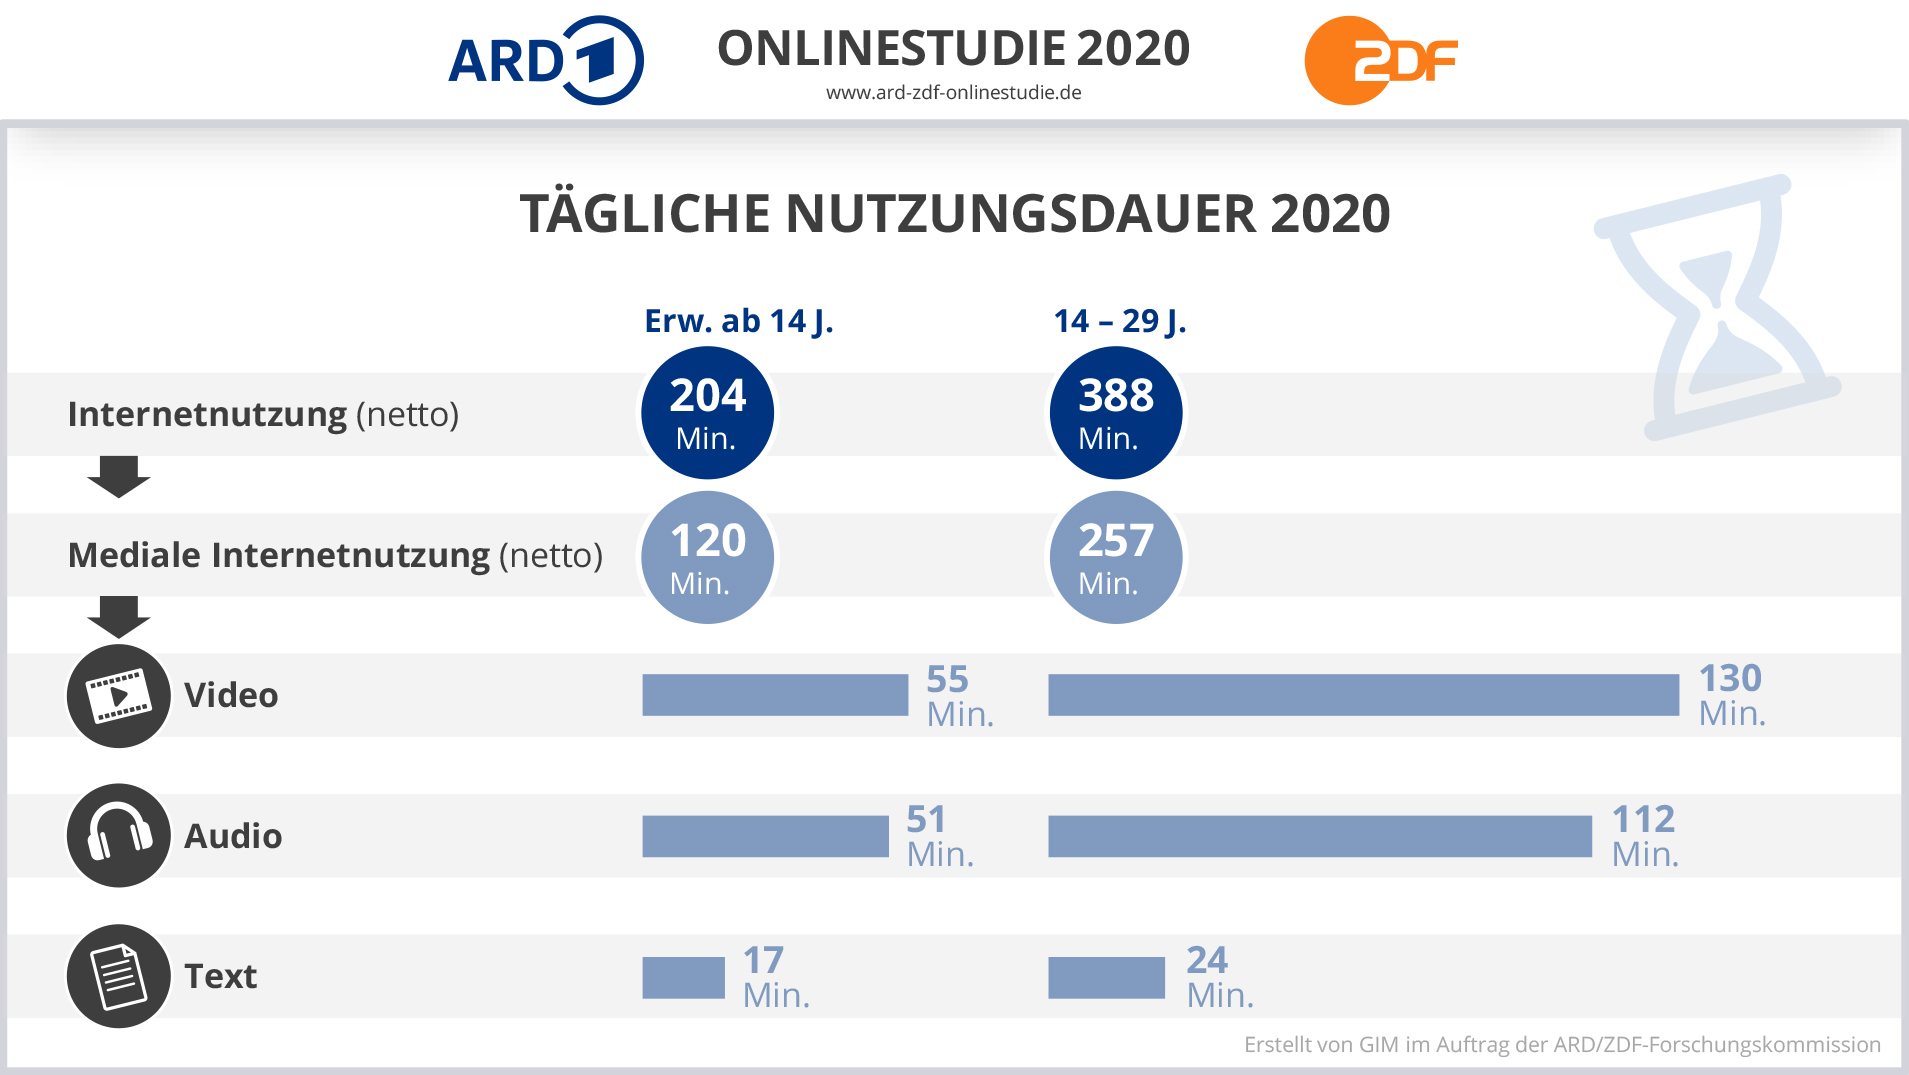 Statistik der ARD ZDF Online Studie. Tägliche Nutzungsdauer 2020